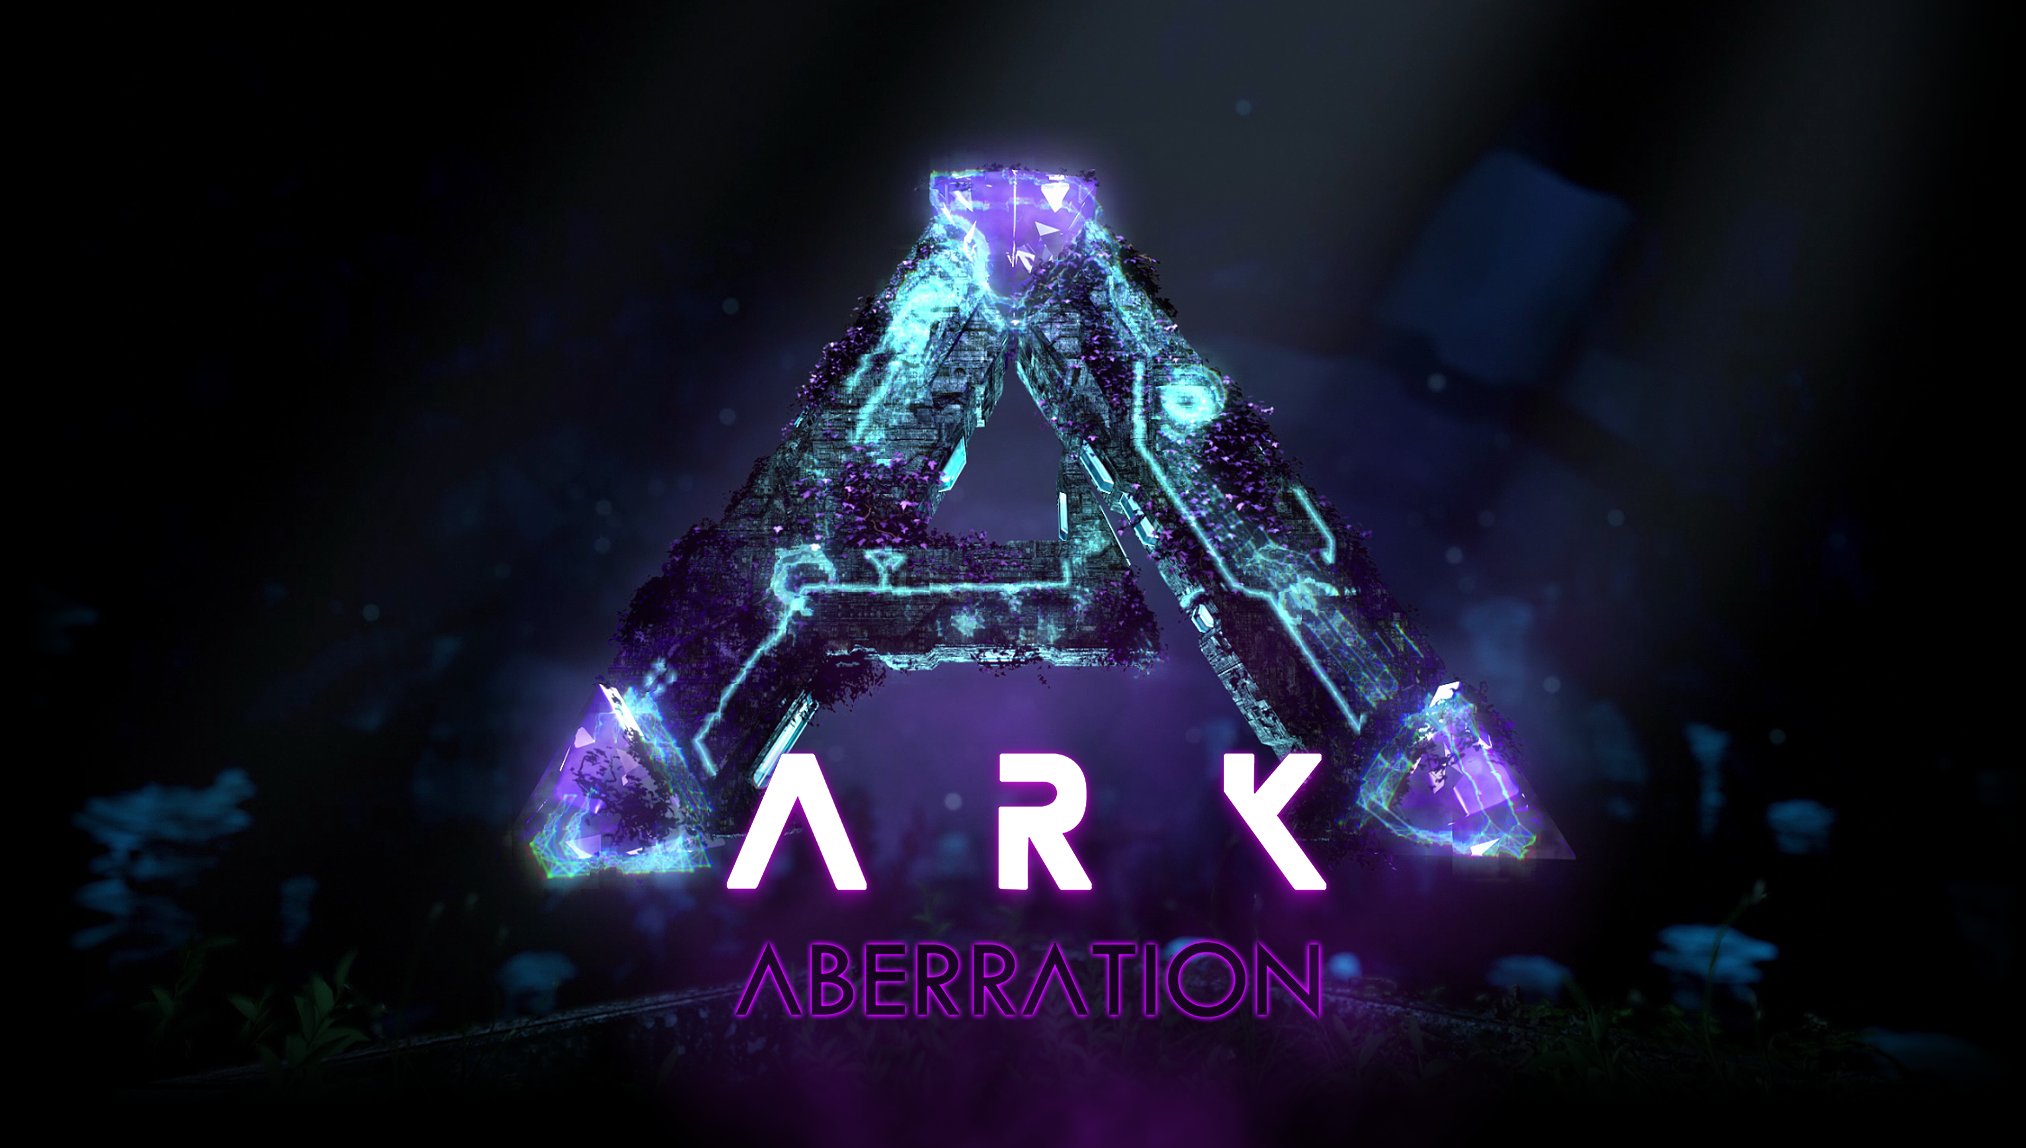 ARK: Aberration